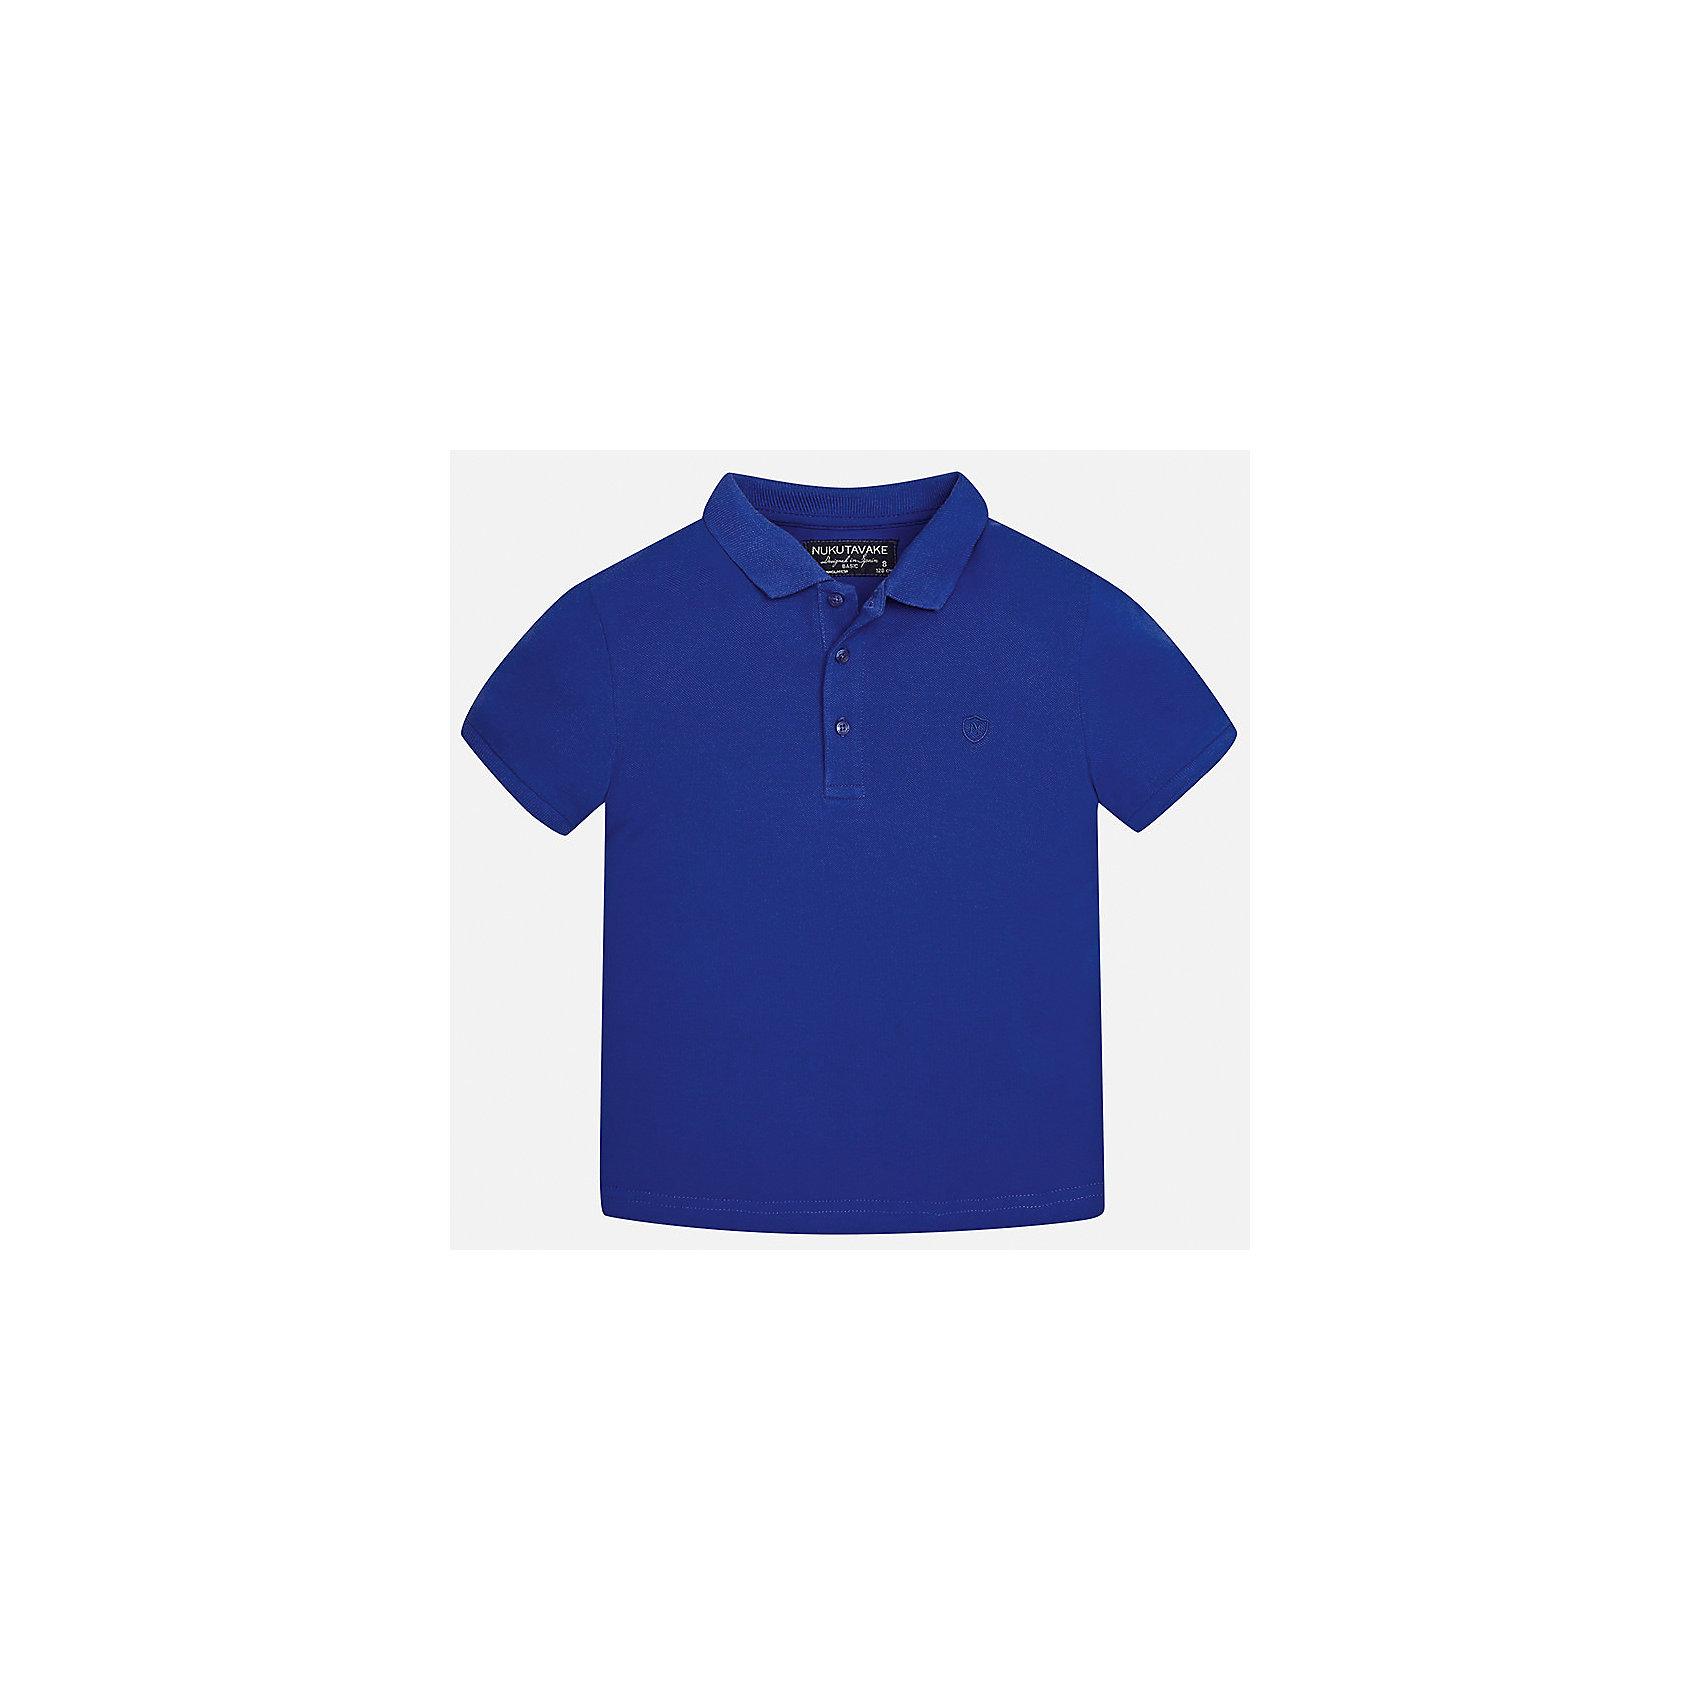 Футболка-поло для мальчика MayoralФутболки, поло и топы<br>Характеристики товара:<br><br>• цвет: синий<br>• состав: 100% хлопок<br>• отложной воротник<br>• короткие рукава<br>• застежка: пуговицы<br>• страна бренда: Испания<br><br>Удобная и модная футболка-поло для мальчика может стать базовой вещью в гардеробе ребенка. Она отлично сочетается с брюками, шортами, джинсами и т.д. Универсальный крой и цвет позволяет подобрать к вещи низ разных расцветок. Практичное и стильное изделие! В составе материала - только натуральный хлопок, гипоаллергенный, приятный на ощупь, дышащий.<br><br>Одежда, обувь и аксессуары от испанского бренда Mayoral полюбились детям и взрослым по всему миру. Модели этой марки - стильные и удобные. Для их производства используются только безопасные, качественные материалы и фурнитура. Порадуйте ребенка модными и красивыми вещами от Mayoral! <br><br>Футболку-поло для мальчика от испанского бренда Mayoral (Майорал) можно купить в нашем интернет-магазине.<br><br>Ширина мм: 230<br>Глубина мм: 40<br>Высота мм: 220<br>Вес г: 250<br>Цвет: синий<br>Возраст от месяцев: 156<br>Возраст до месяцев: 168<br>Пол: Мужской<br>Возраст: Детский<br>Размер: 170,128/134,140,152,158,164<br>SKU: 5278356